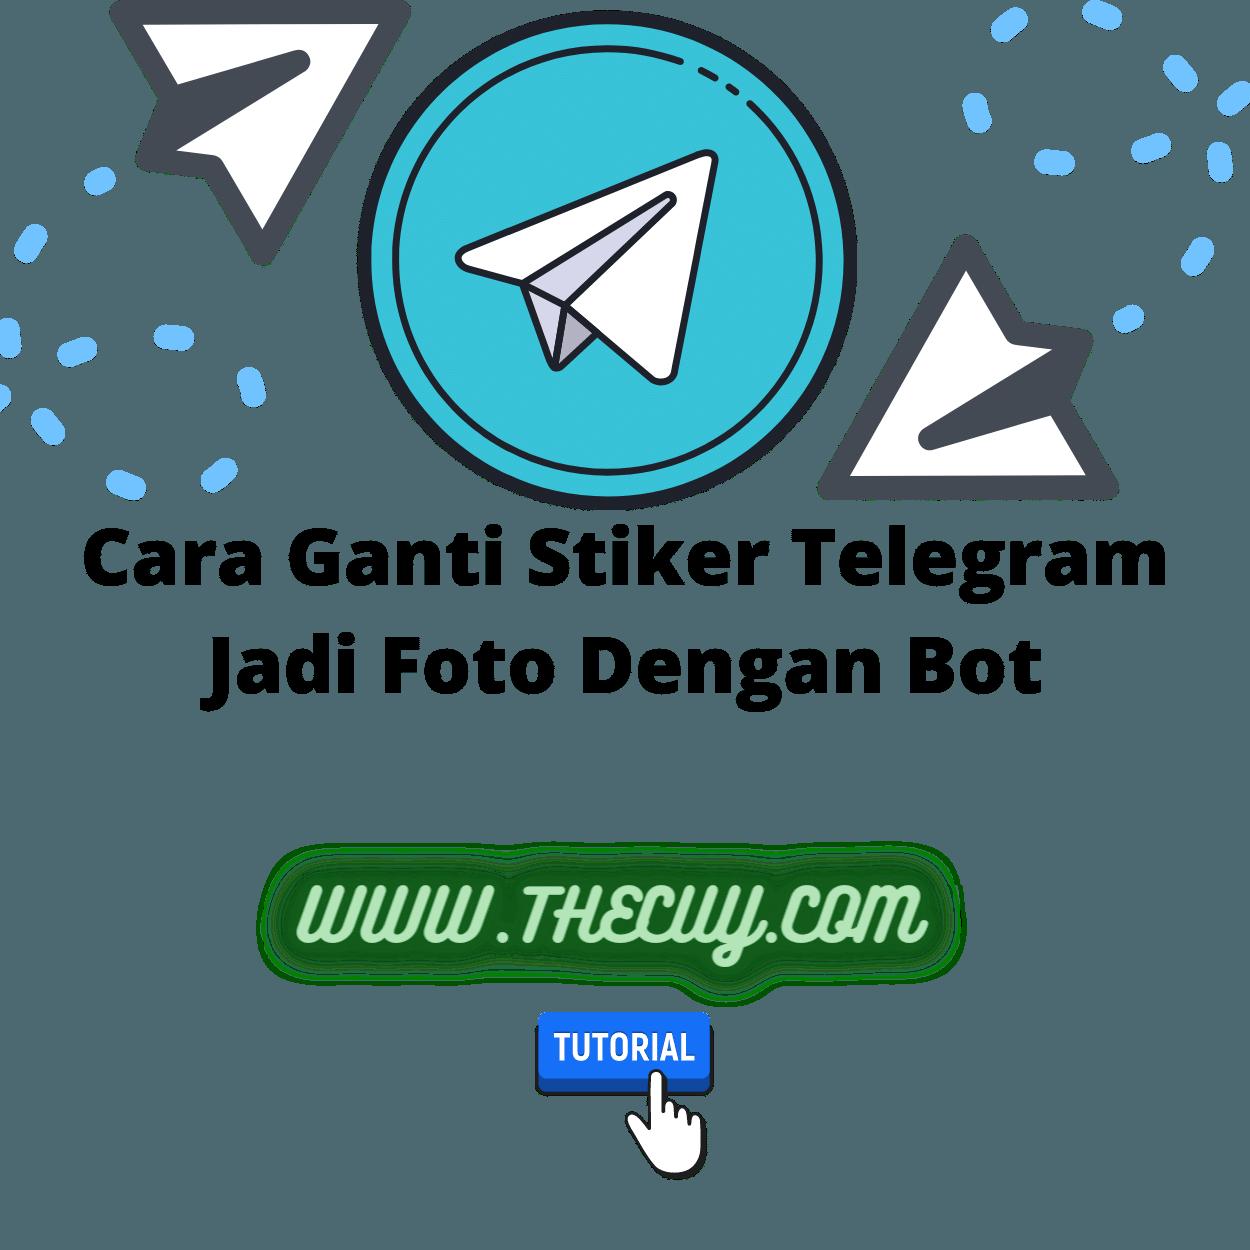 Cara Ganti Stiker Telegram Jadi Foto Dengan Bot